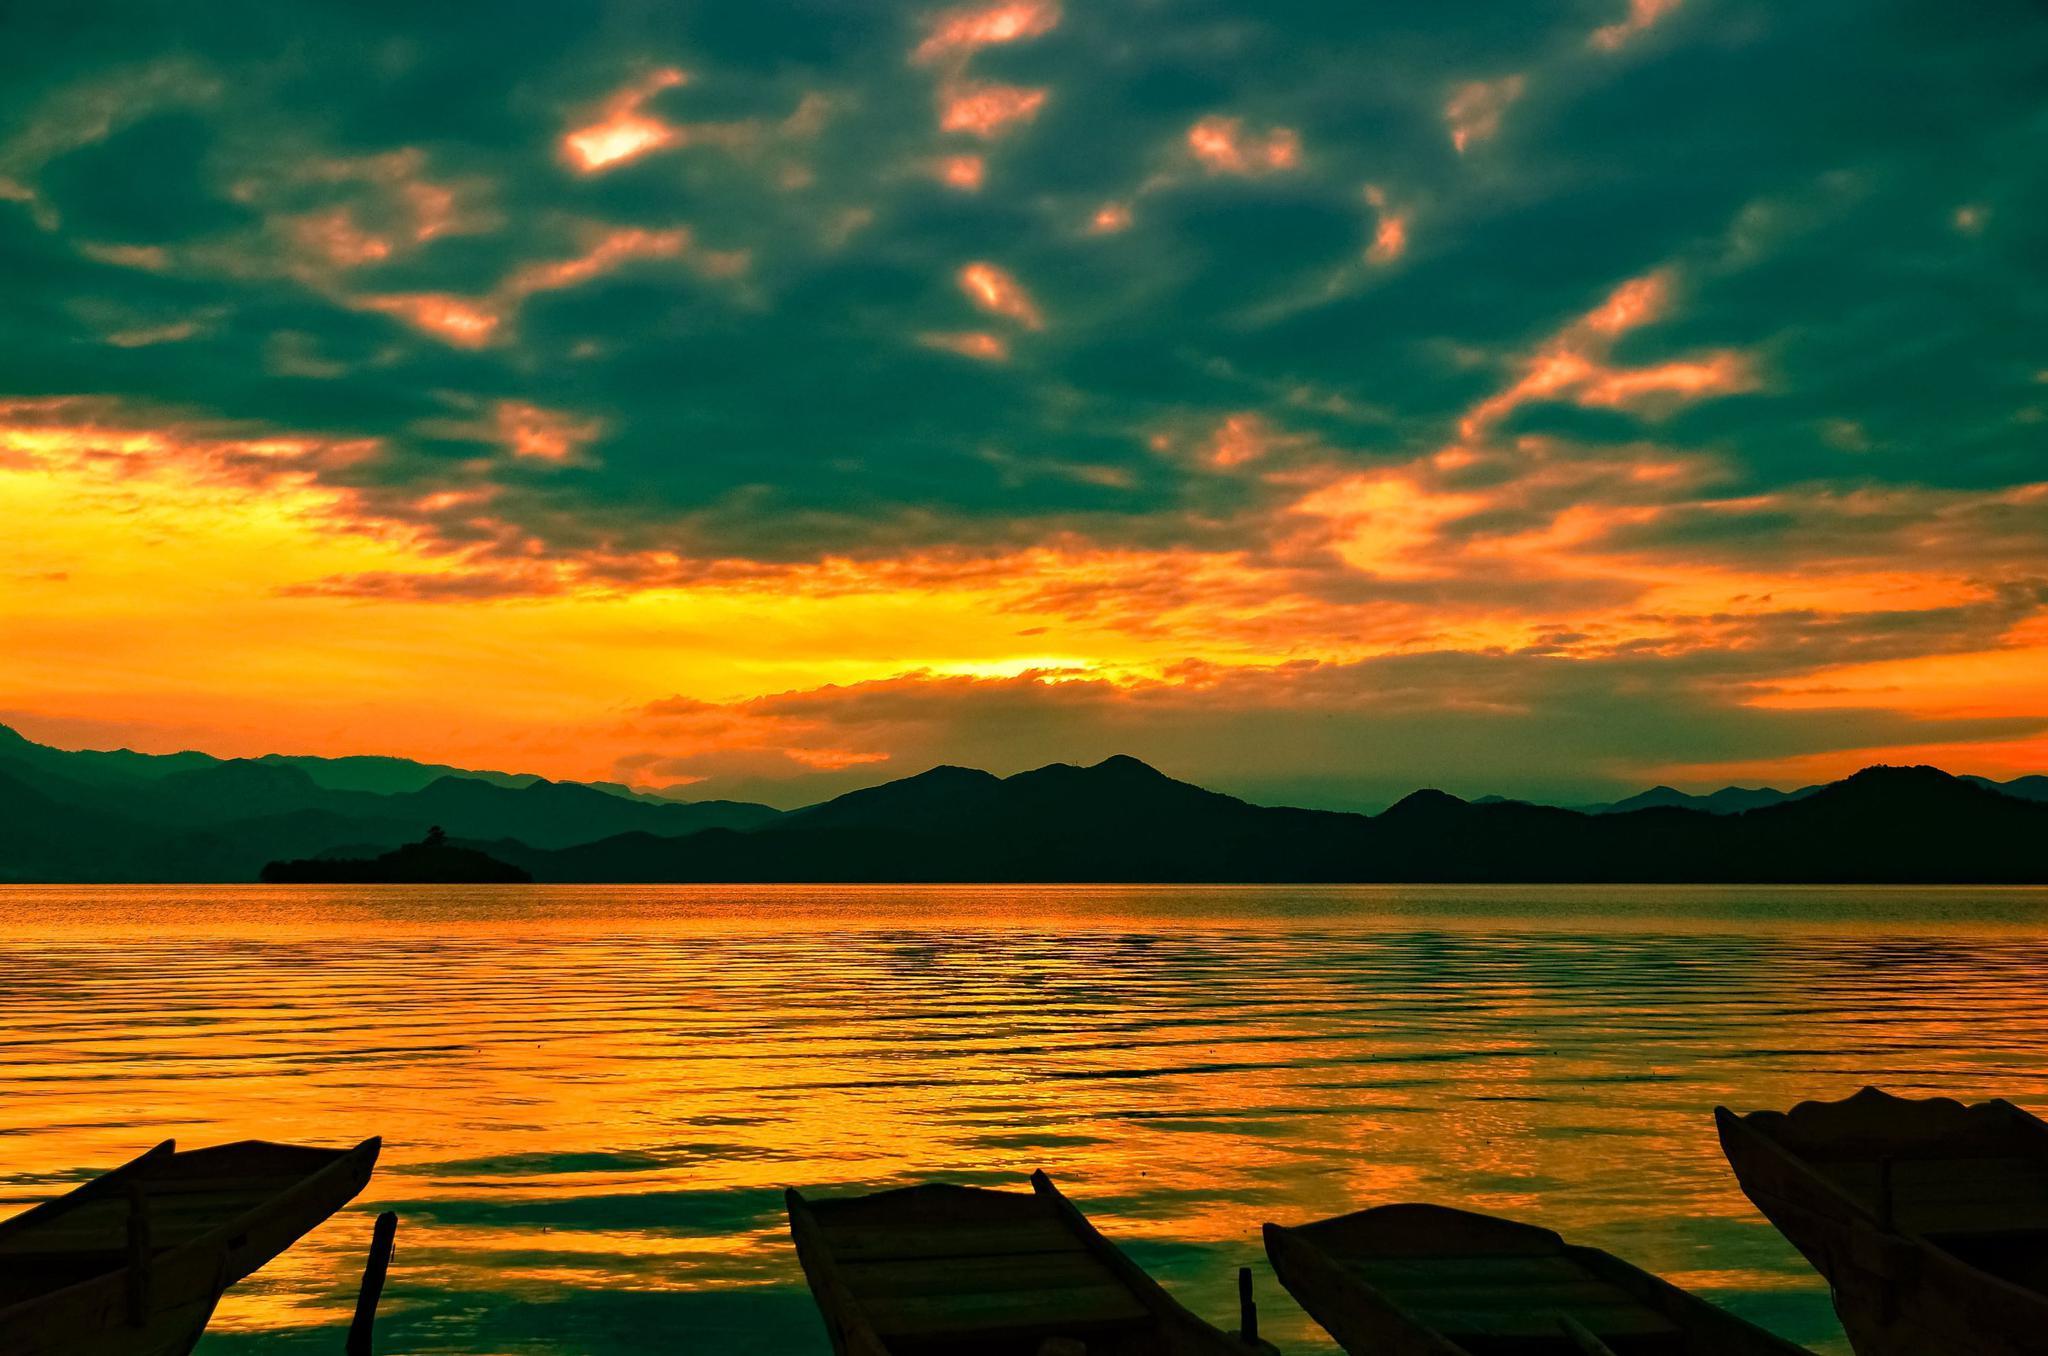 丽江如诗,泸沽湖如画。